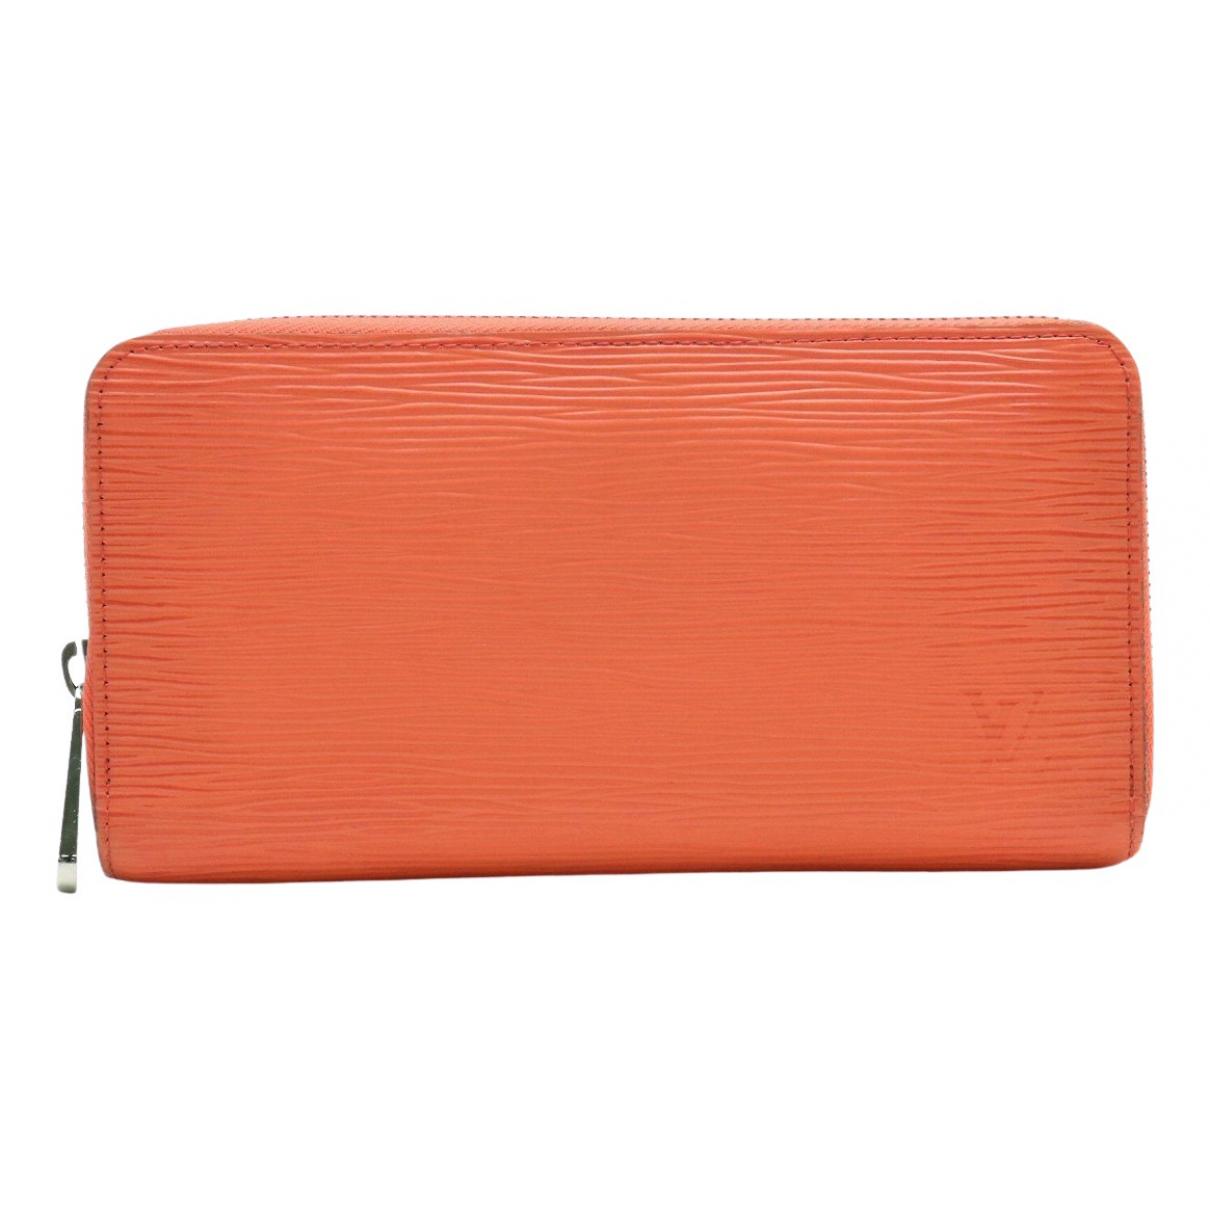 Louis Vuitton - Portefeuille Zippy pour femme en cuir - orange